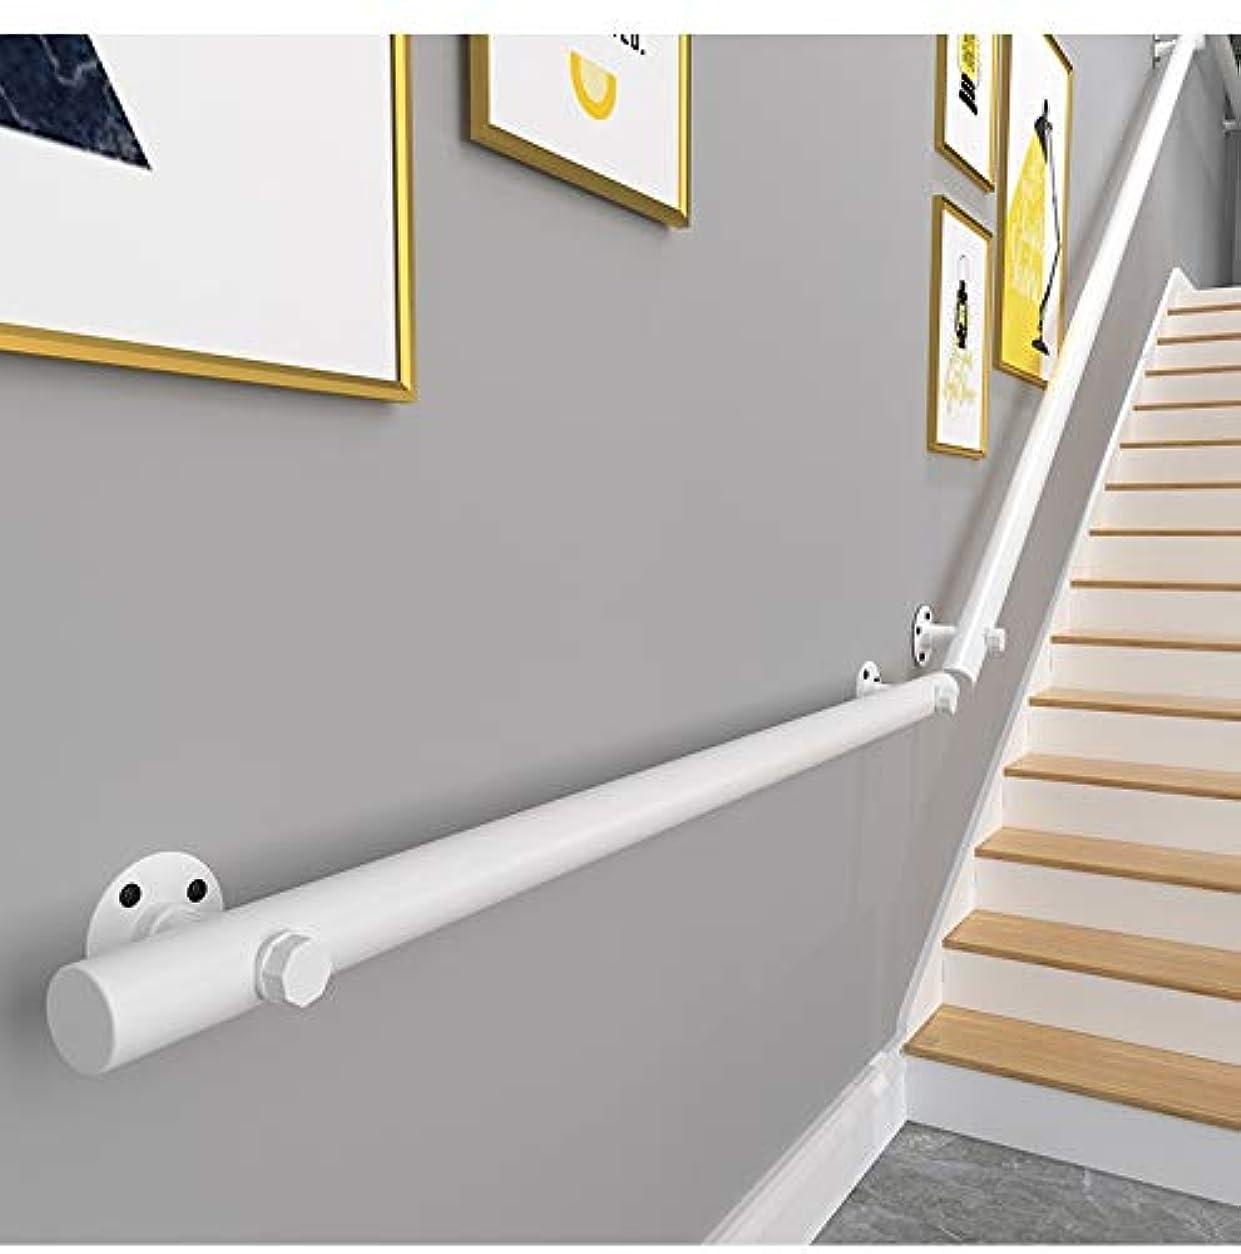 設計図平和な打倒手すり ブラケット付き屋内階段用手すり、無垢材ステップ/廊下/幼稚園用手すり、滑り止め (Color : White, Size : 30 cm (1 ft))